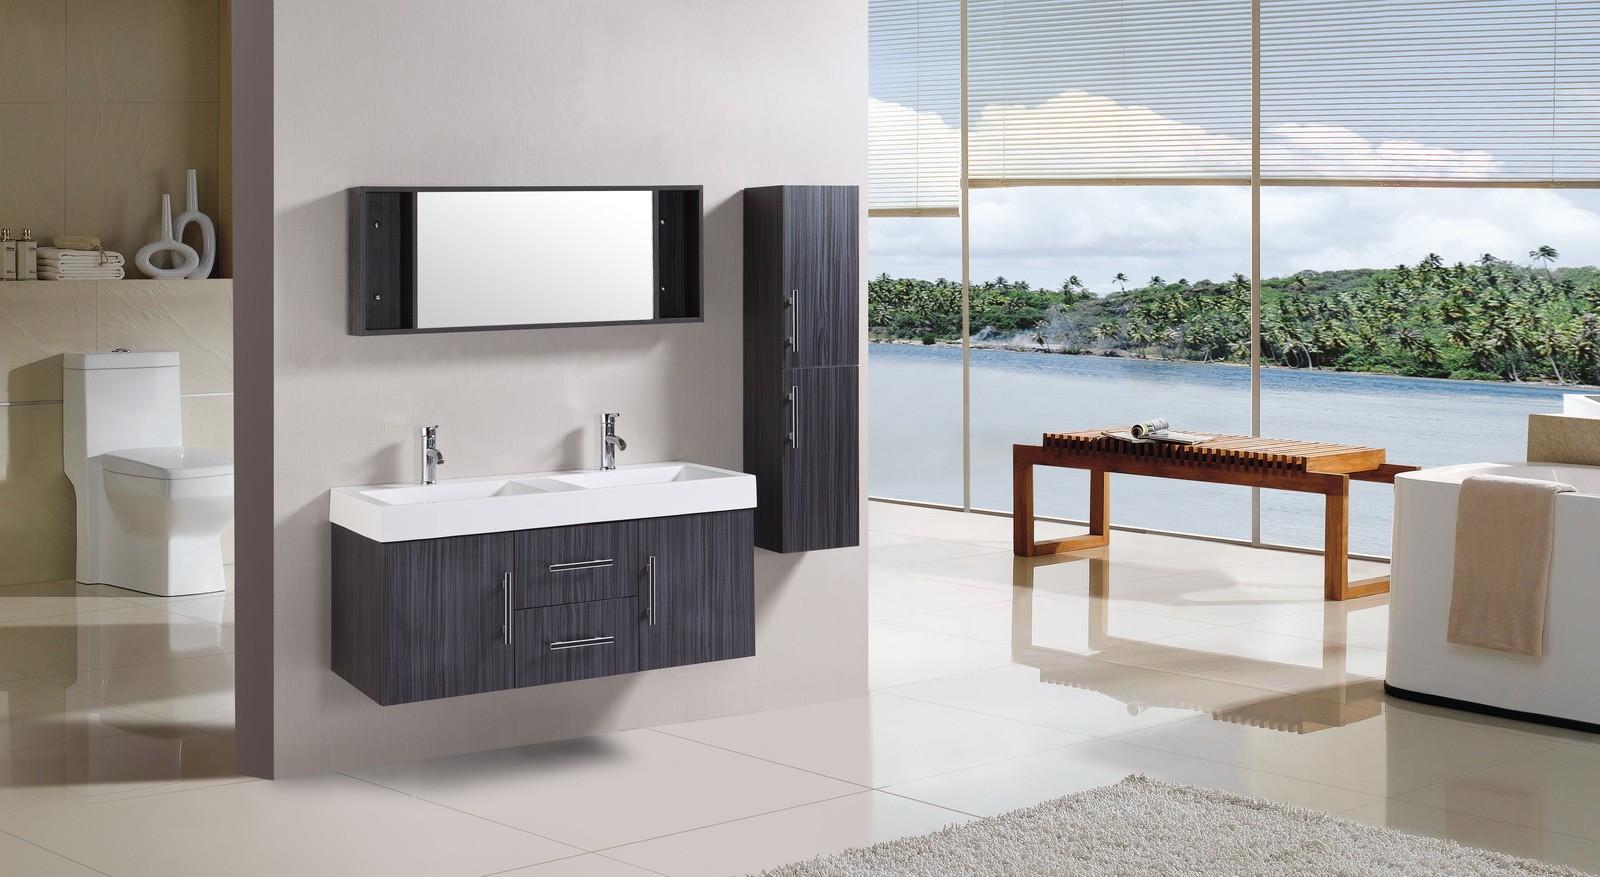 Badkamers met een moderne stijl - Moderne badkraan ...